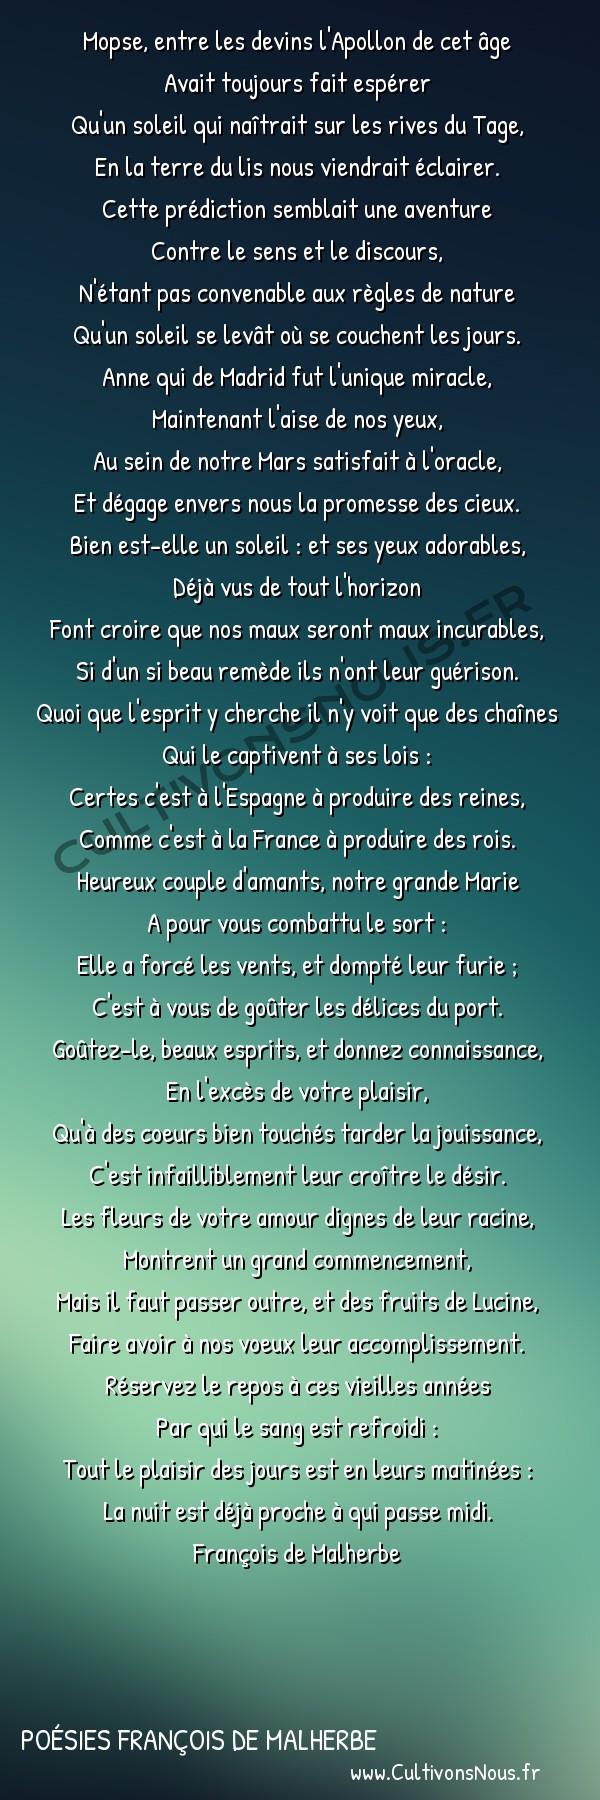 Poésies François de Malherbe - Poèmes - Sur le mariage du roi et de la reine -  Mopse, entre les devins l'Apollon de cet âge Avait toujours fait espérer